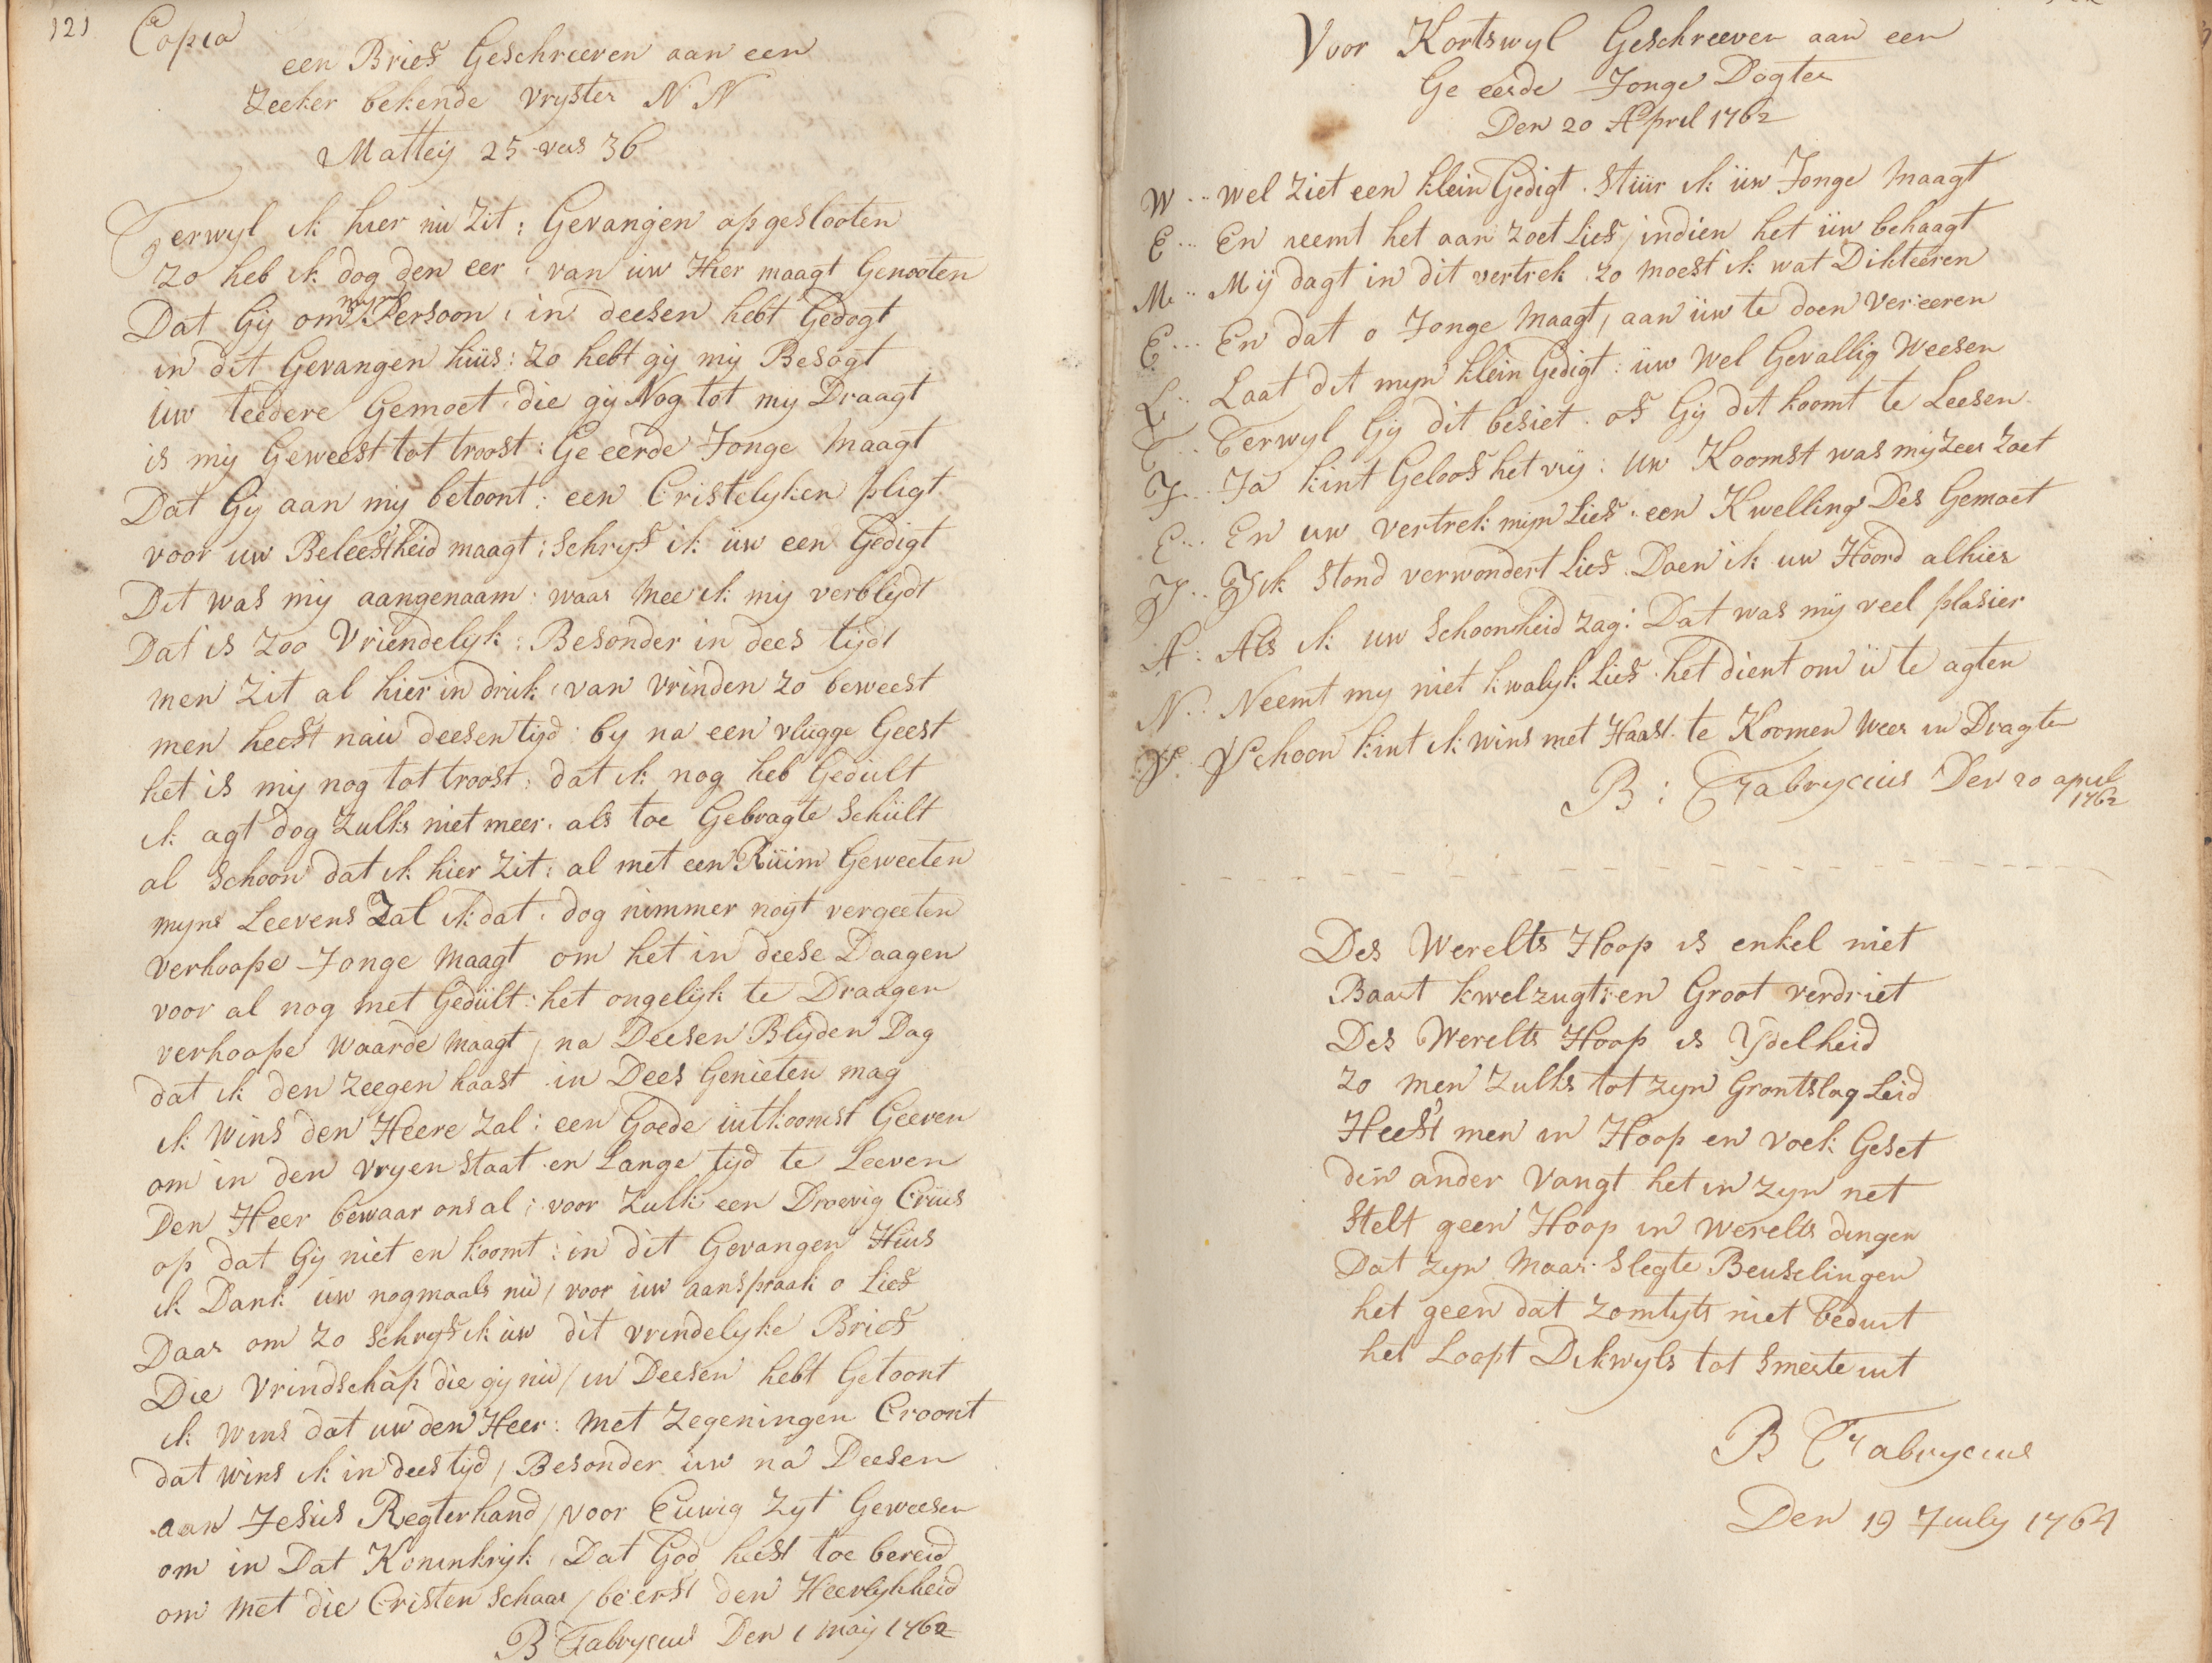 een Brief Geschreven aan een zeeker bekende vrijster NN Matteij 25 vers 36